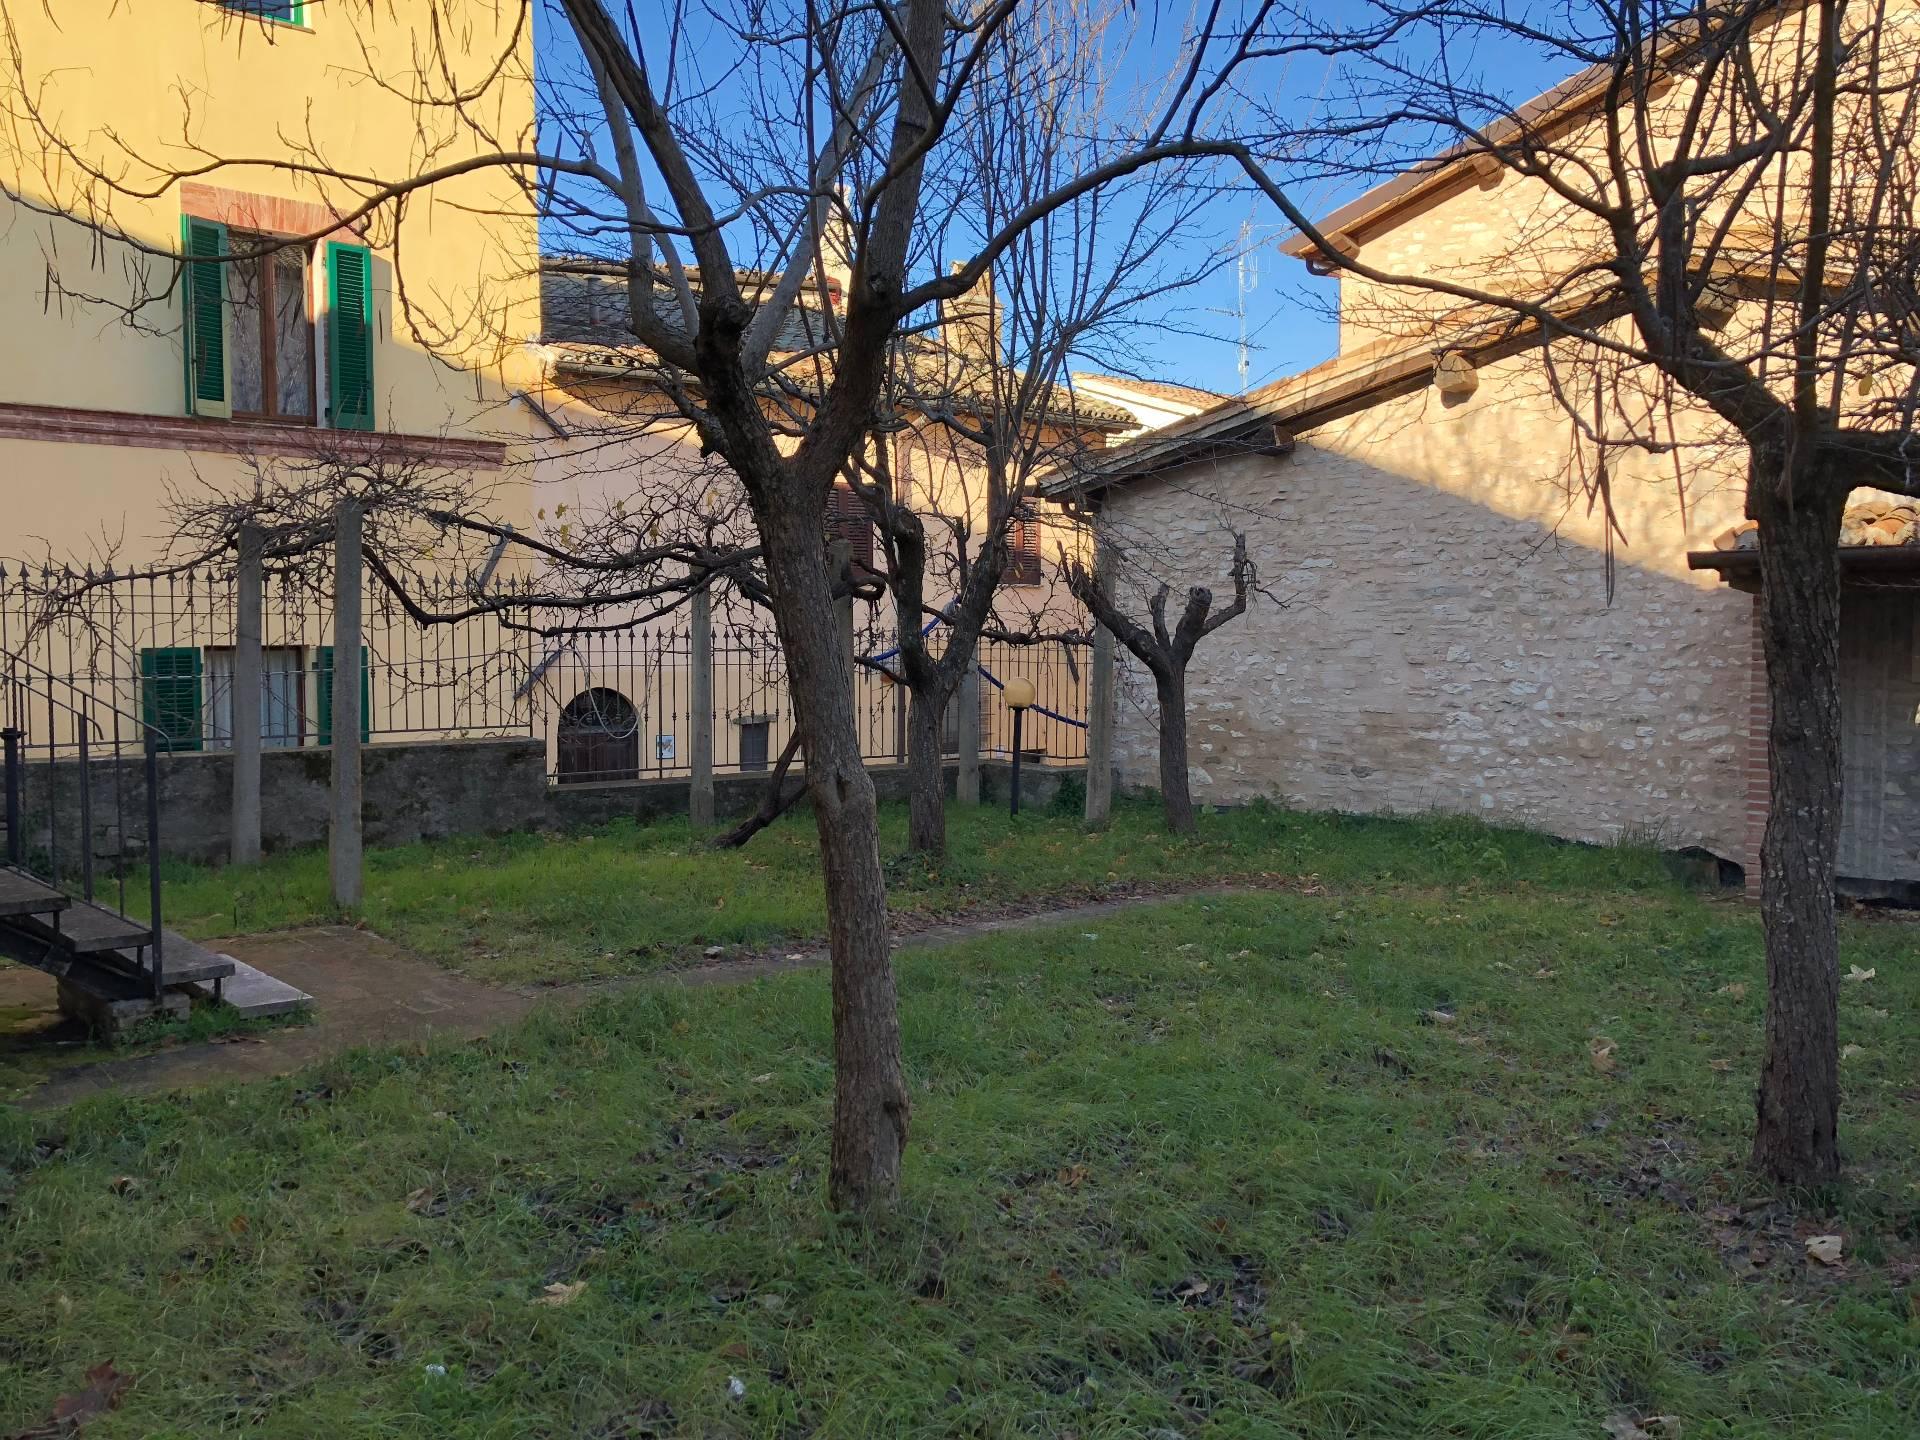 Appartamento in vendita a Nocera Umbra, 3 locali, prezzo € 100.000 | CambioCasa.it